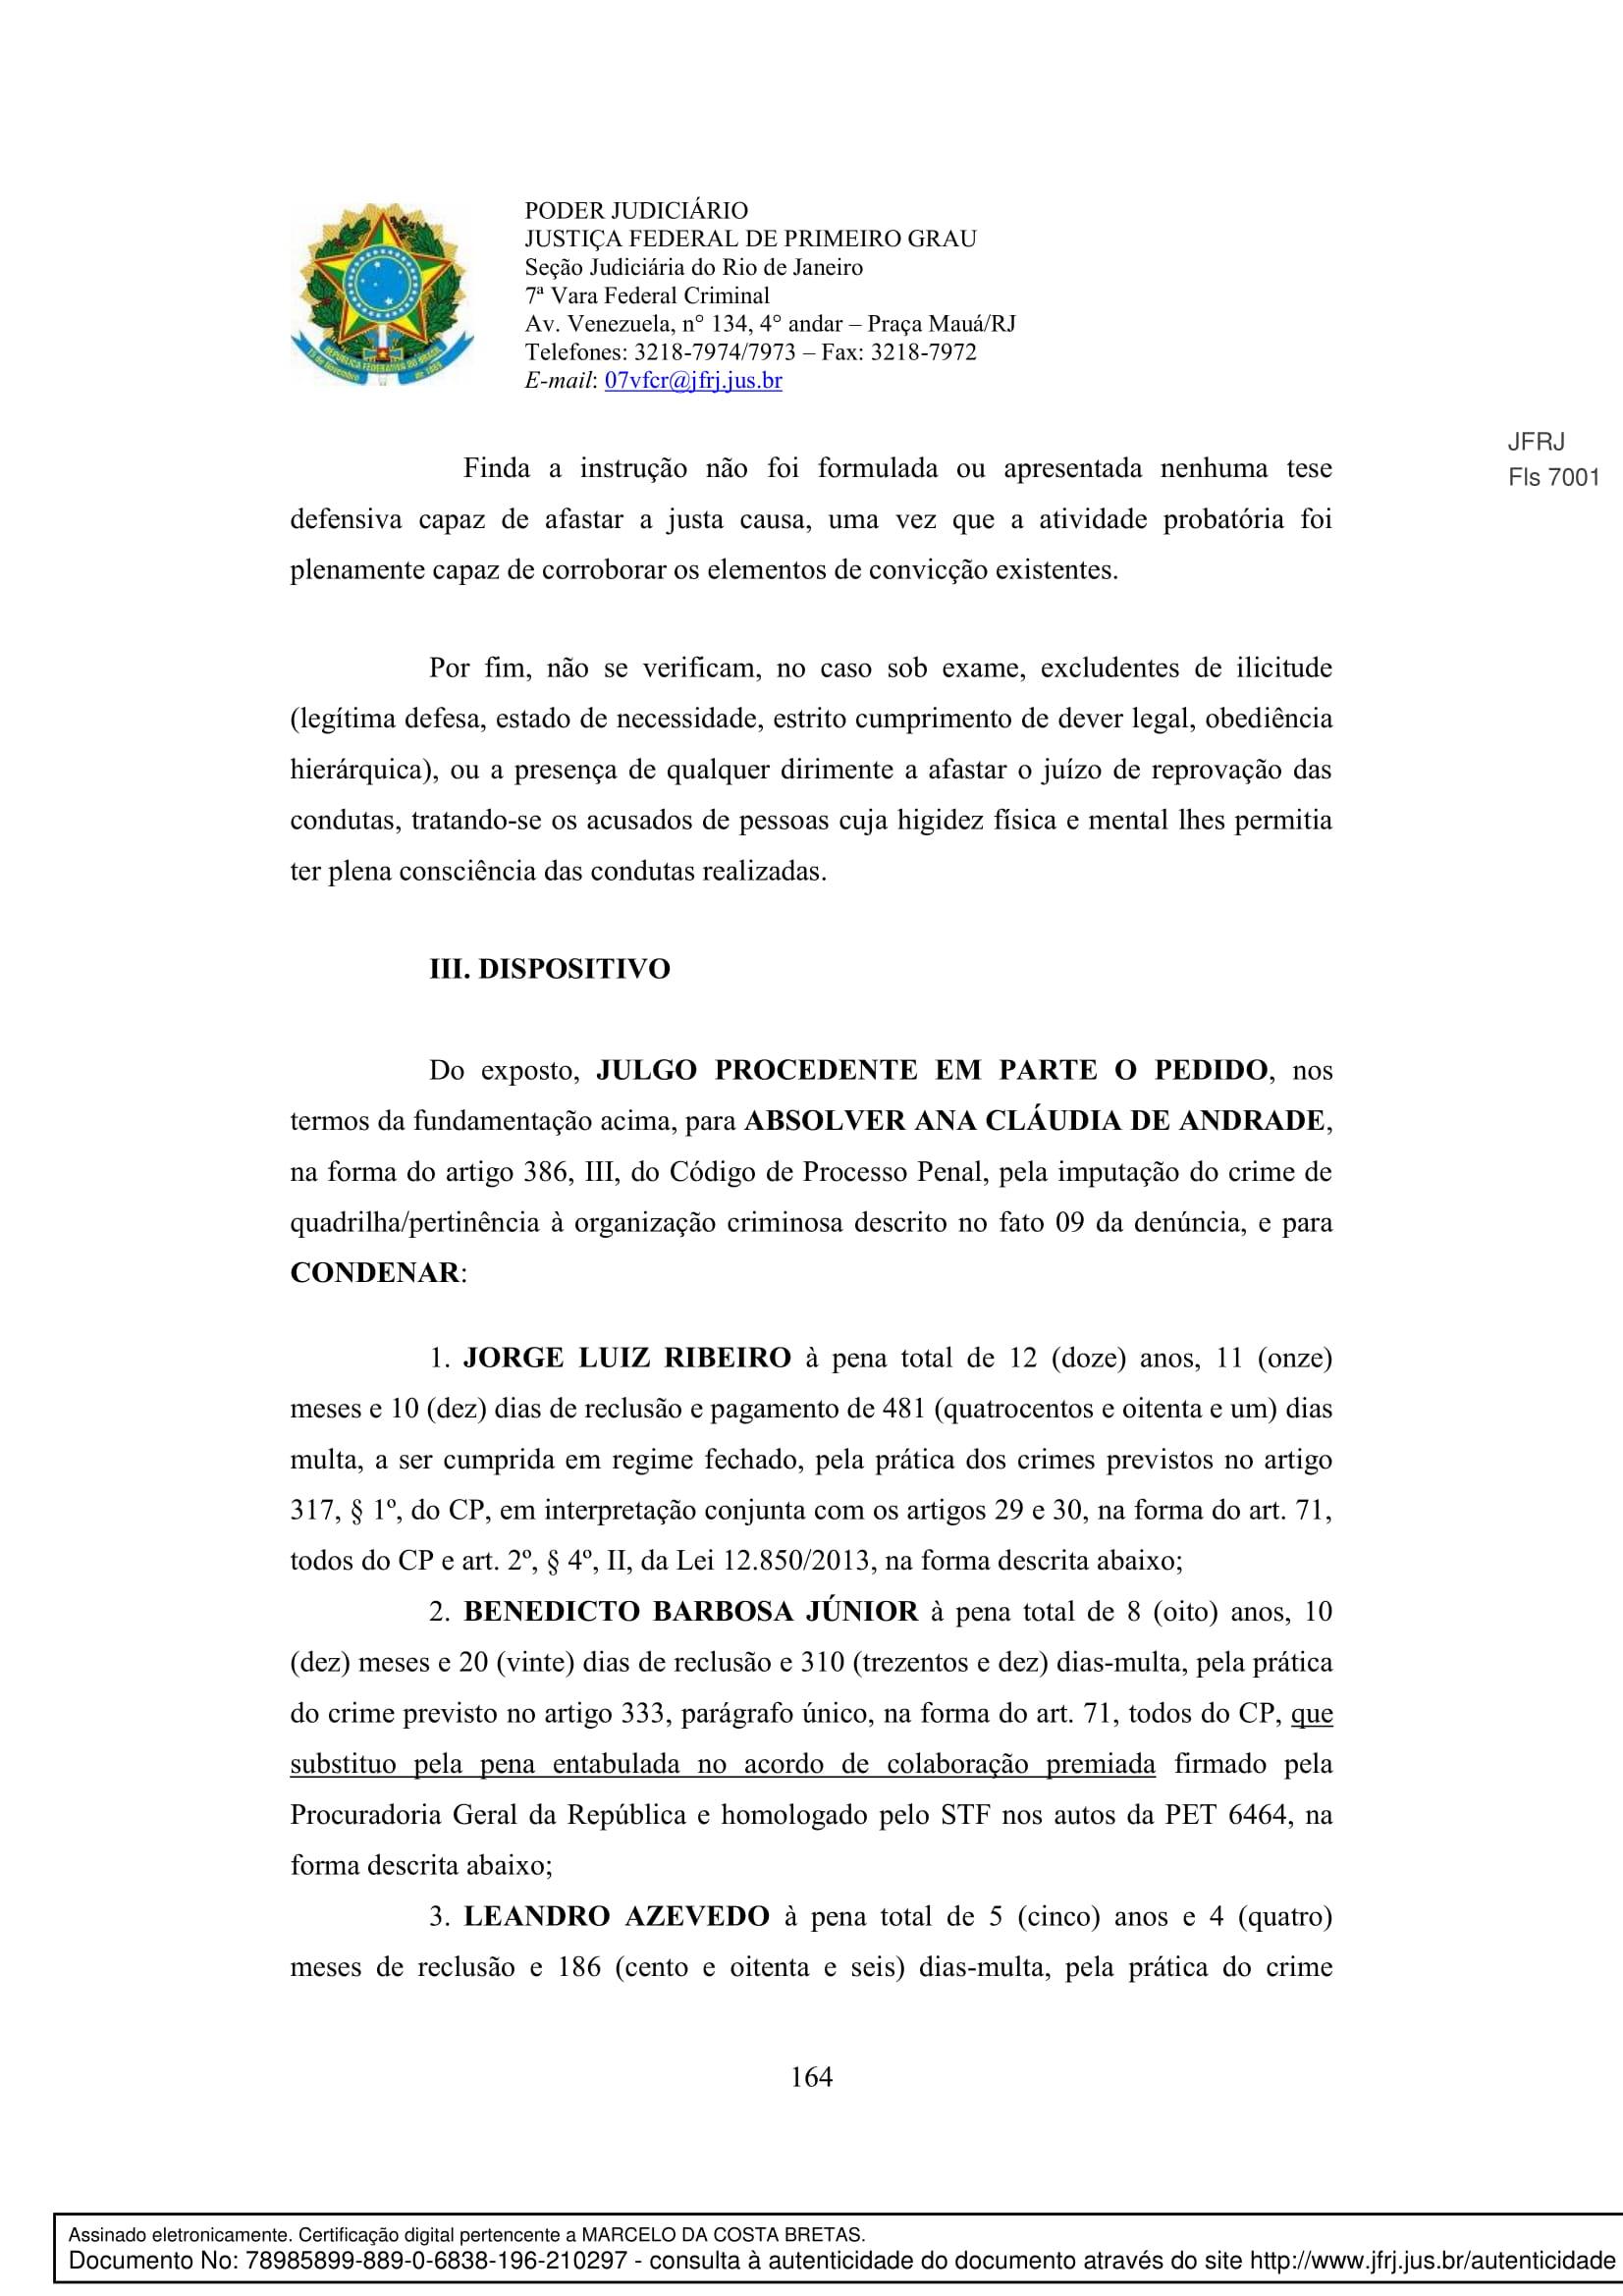 Sentenca-Cadeia-Velha-7VFC-164